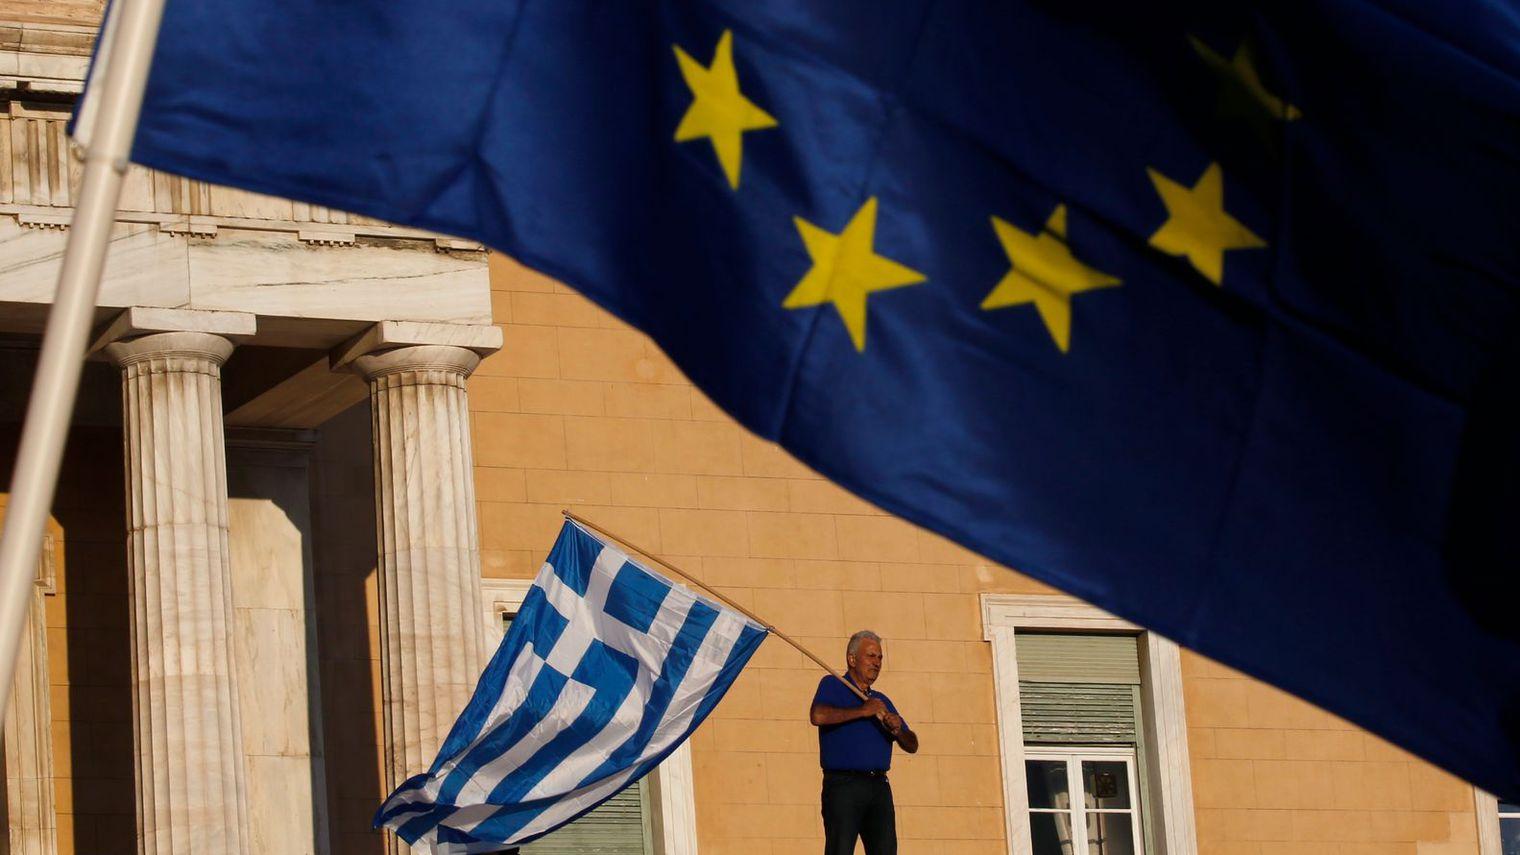 La zone euro en quête d'un accord pour éviter une nouvelle crise grecque